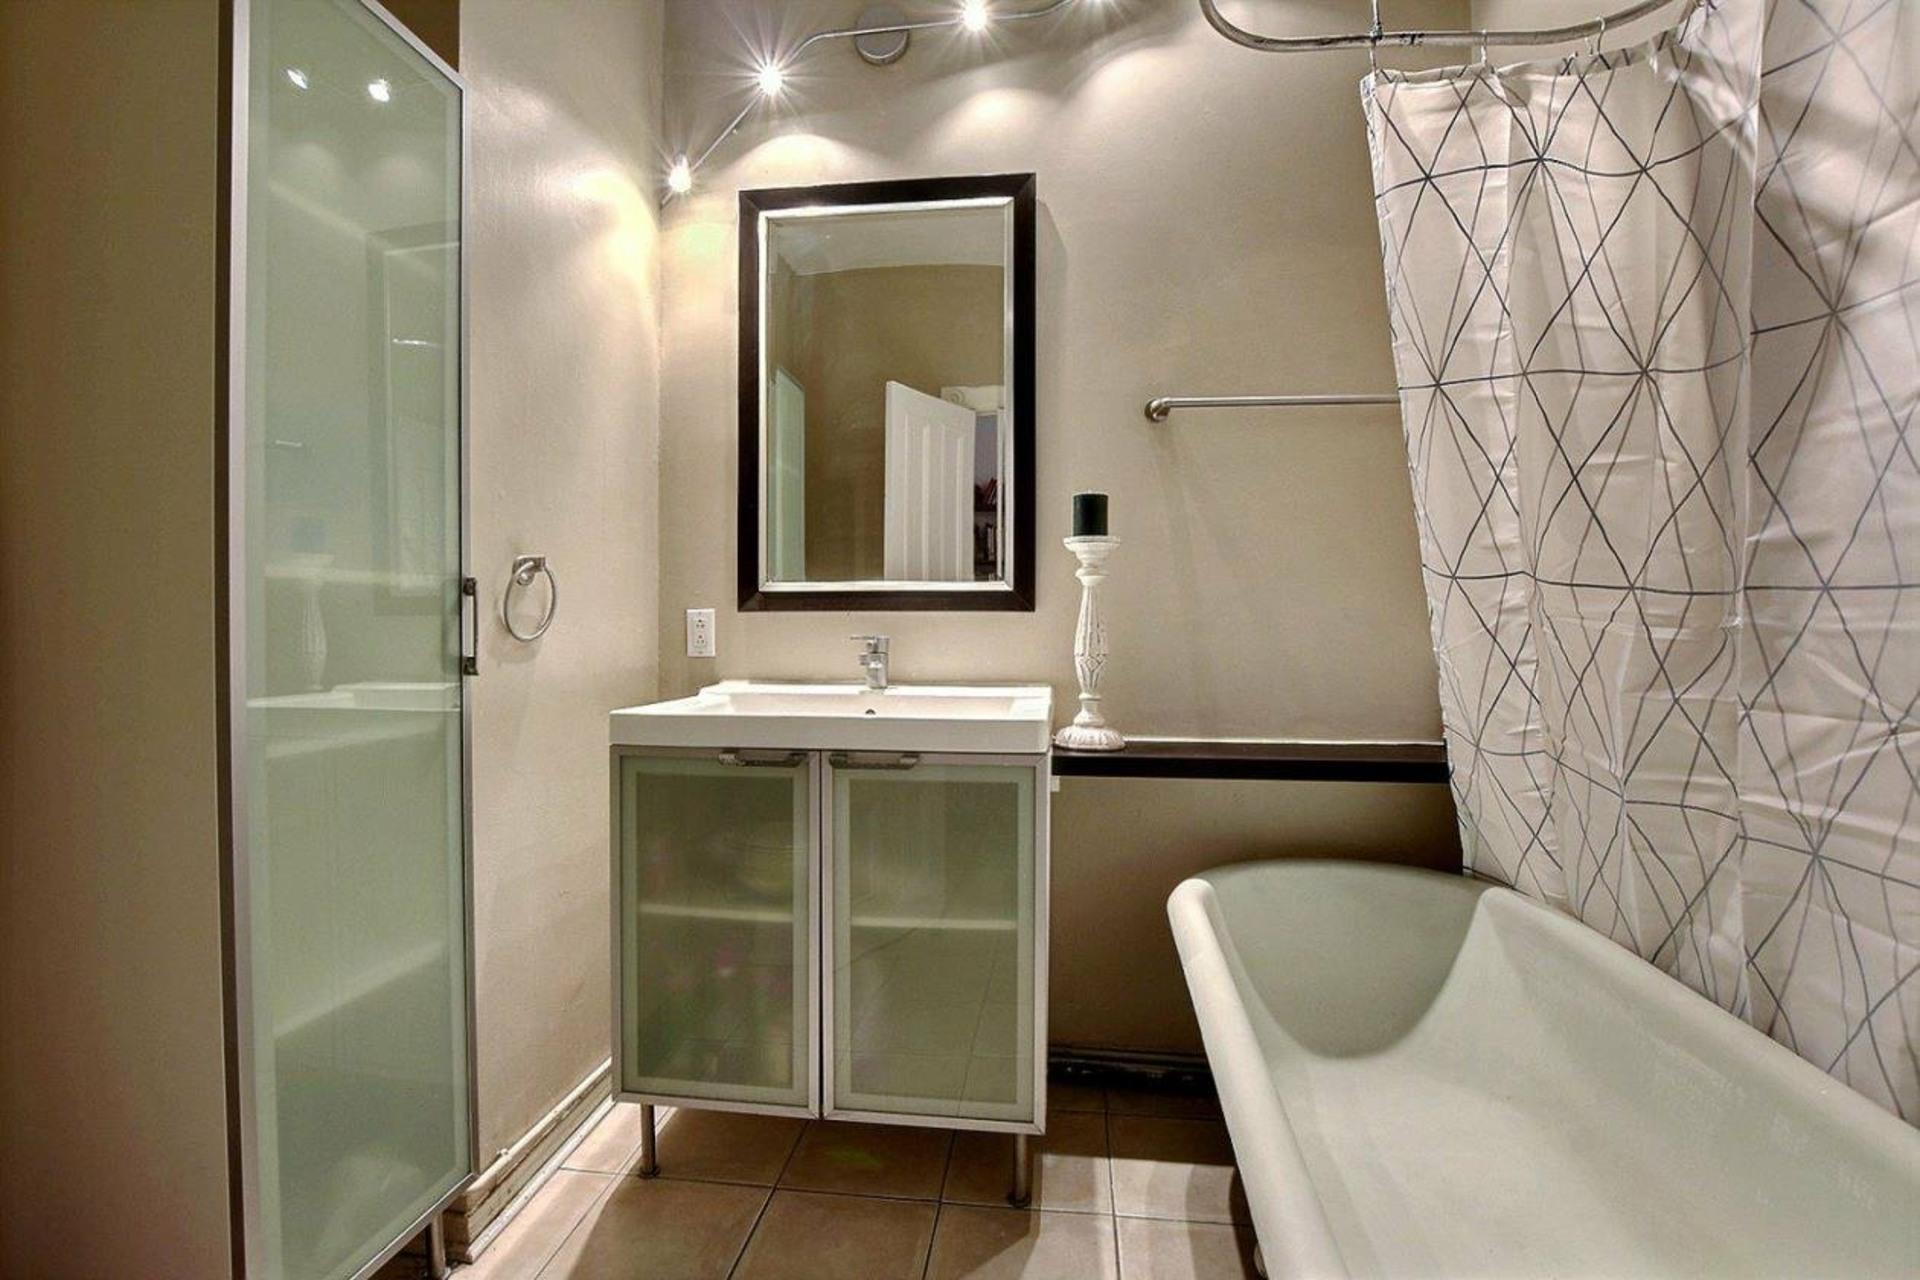 image 13 - Apartment For rent Côte-des-Neiges/Notre-Dame-de-Grâce Montréal  - 6 rooms